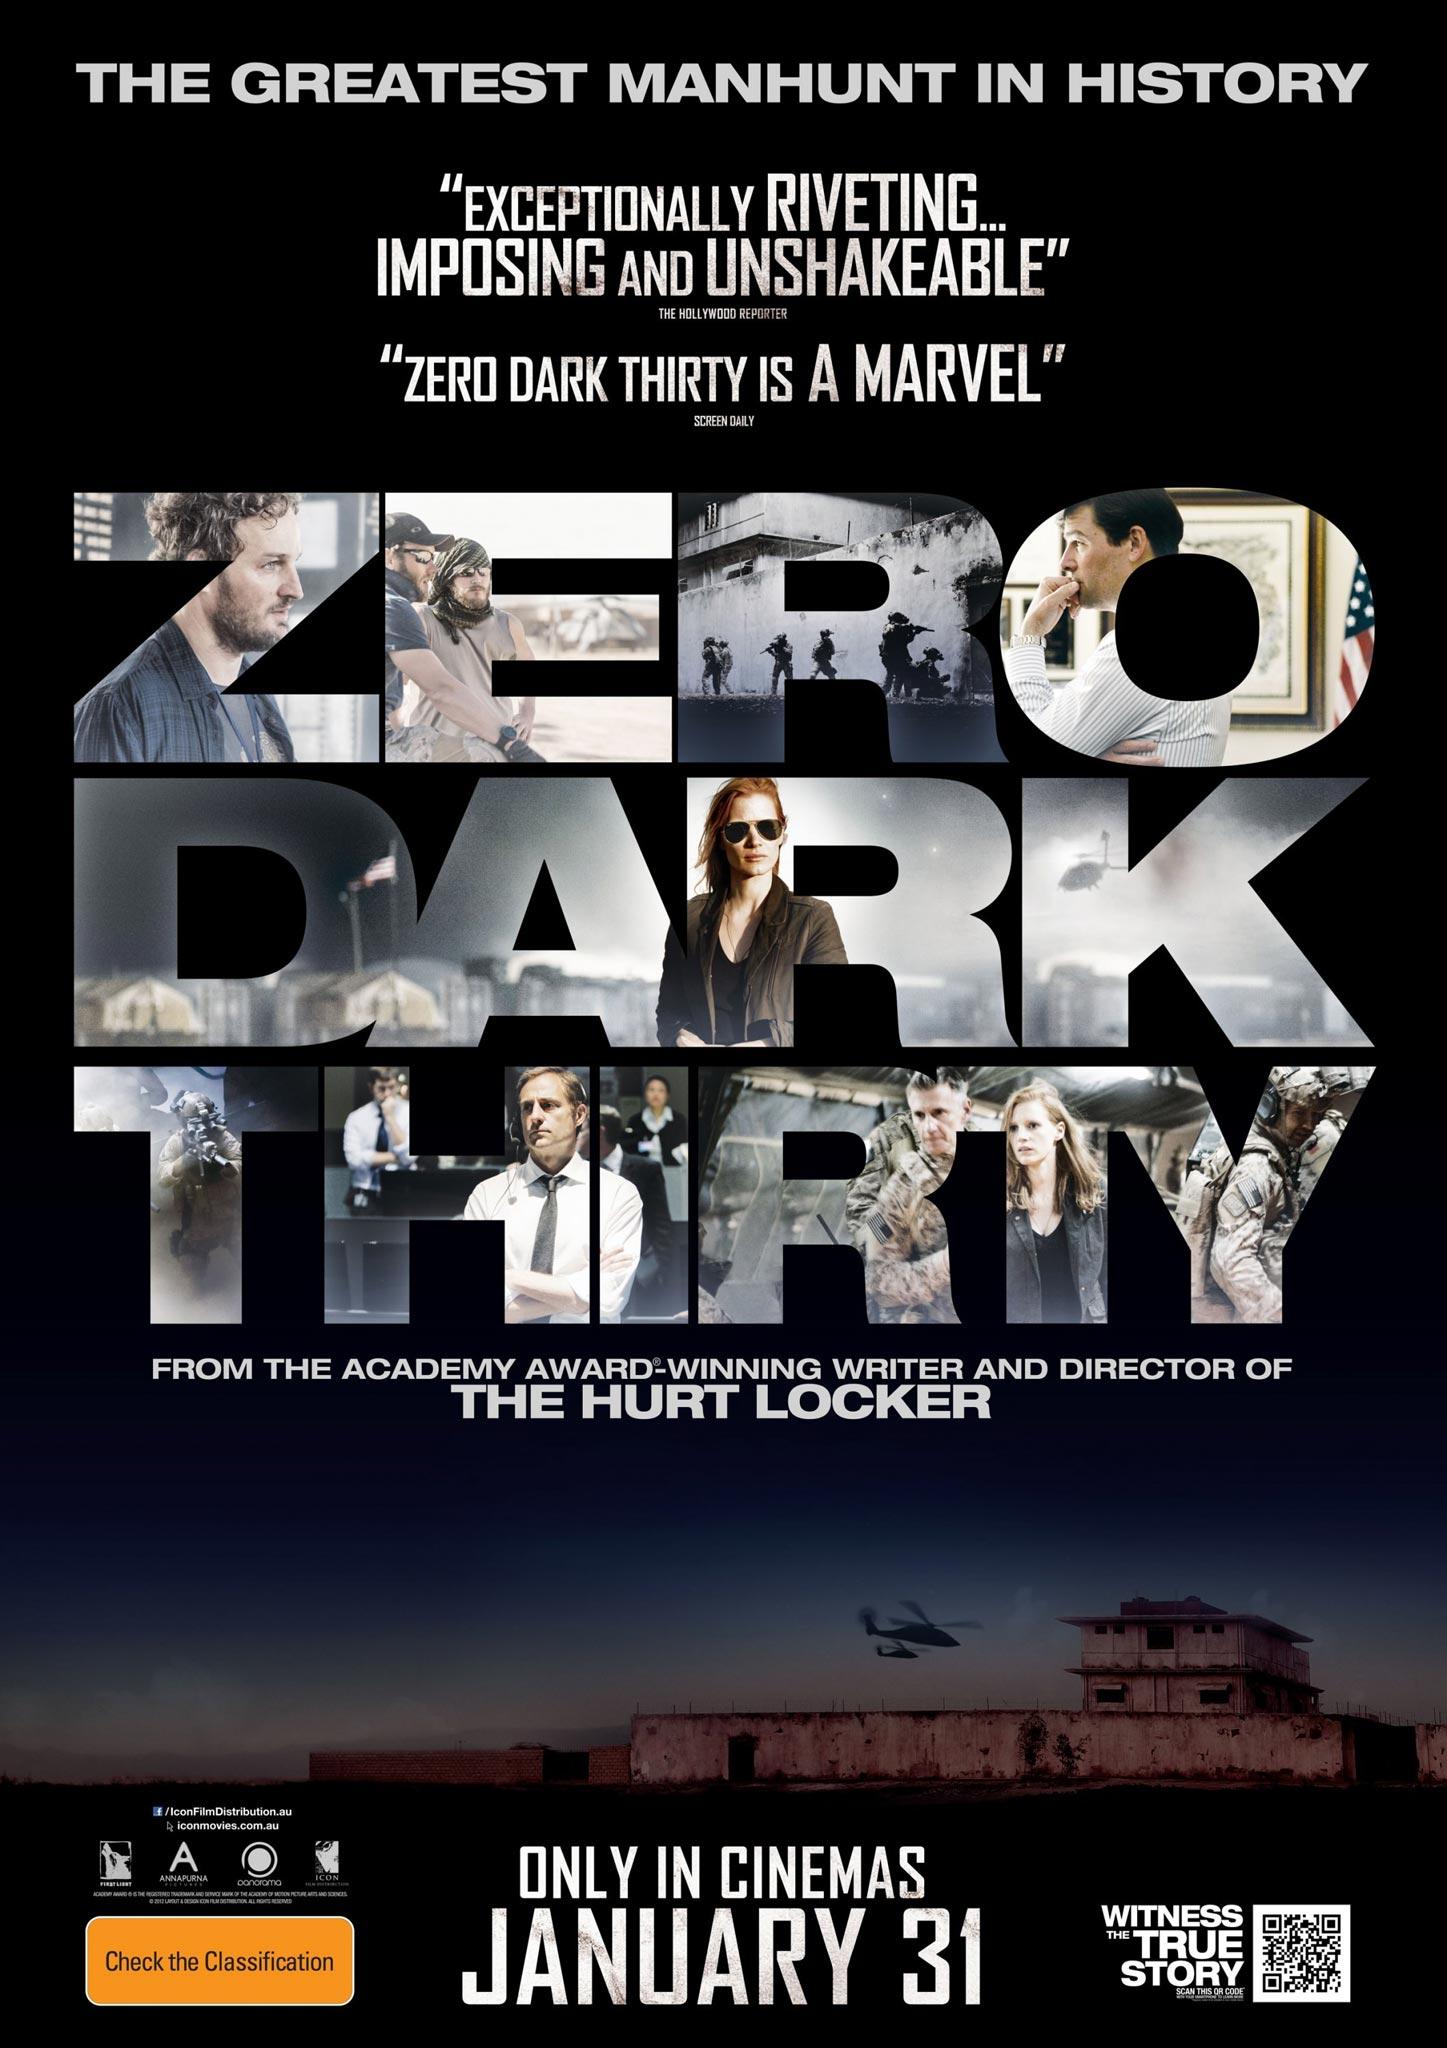 Zero Dark Thirty 2012 movie